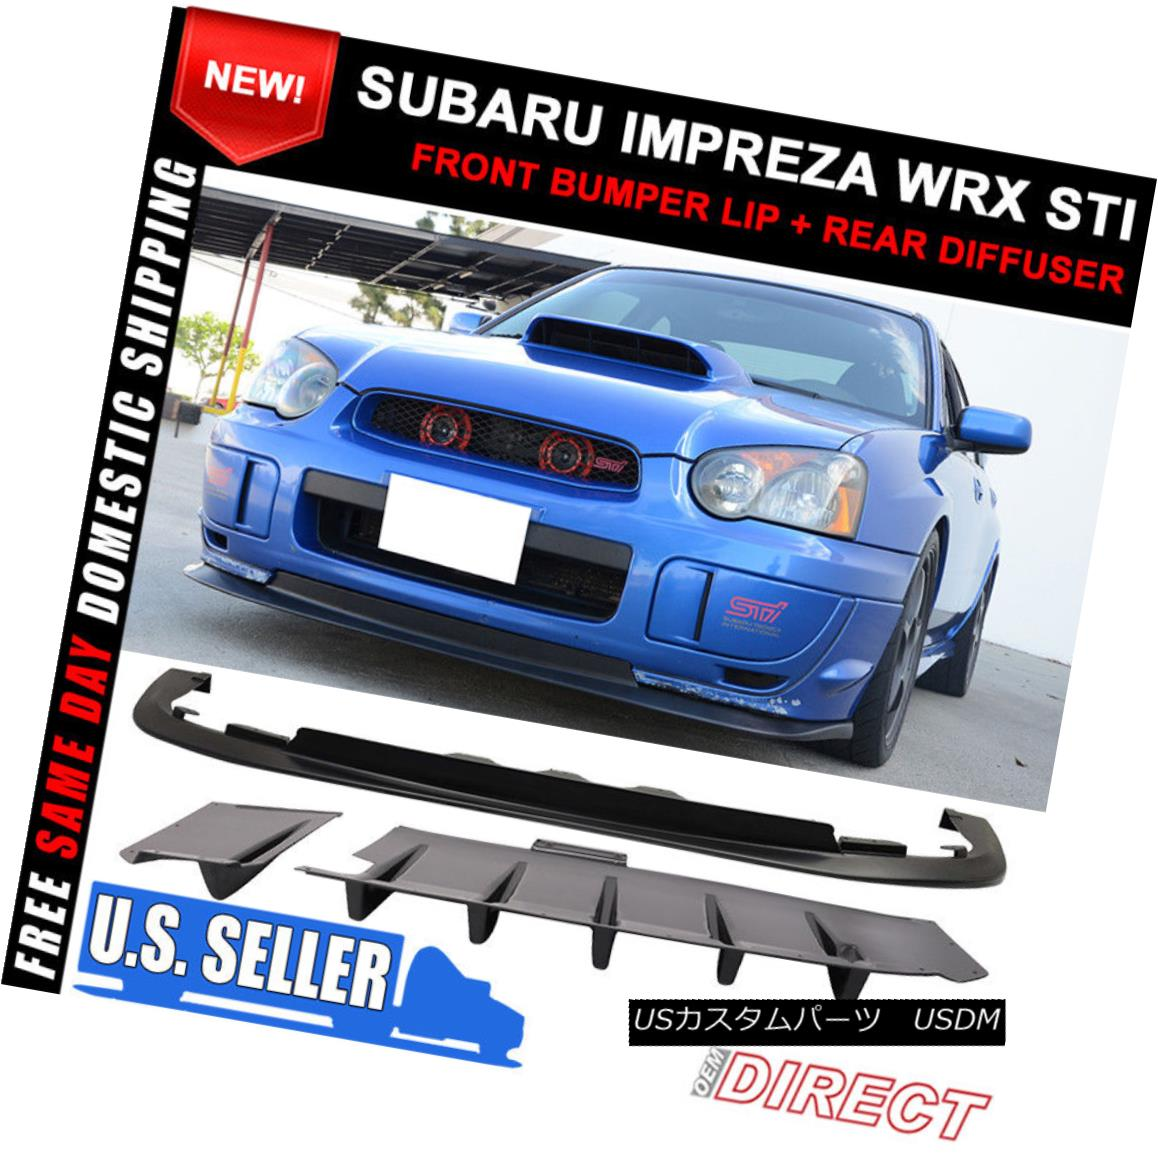 エアロパーツ Fit For 04-05 Subaru Impreza WRX STI Front Bumper Lip PP + Rear Diffuser 2PC ABS フィット04-05スバルインプレッサWRX STIフロントバンパーリップPP +リアディフューザー2PC ABS